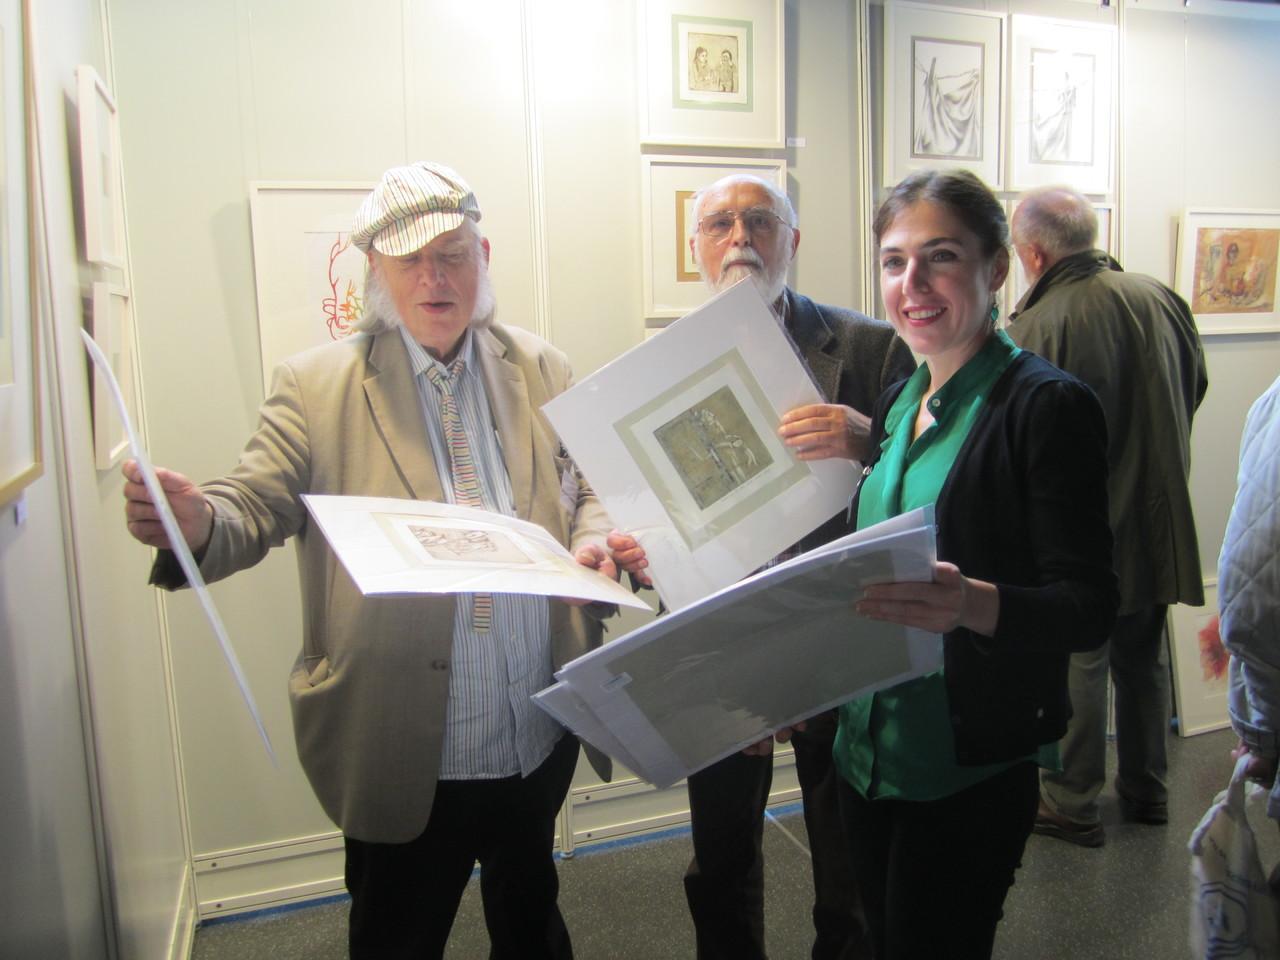 Schau der 1000 Bilder des BBK Künstlerin im gespräch mit Prof. Schwichtenberg und Buchhendler Herrn Cramer